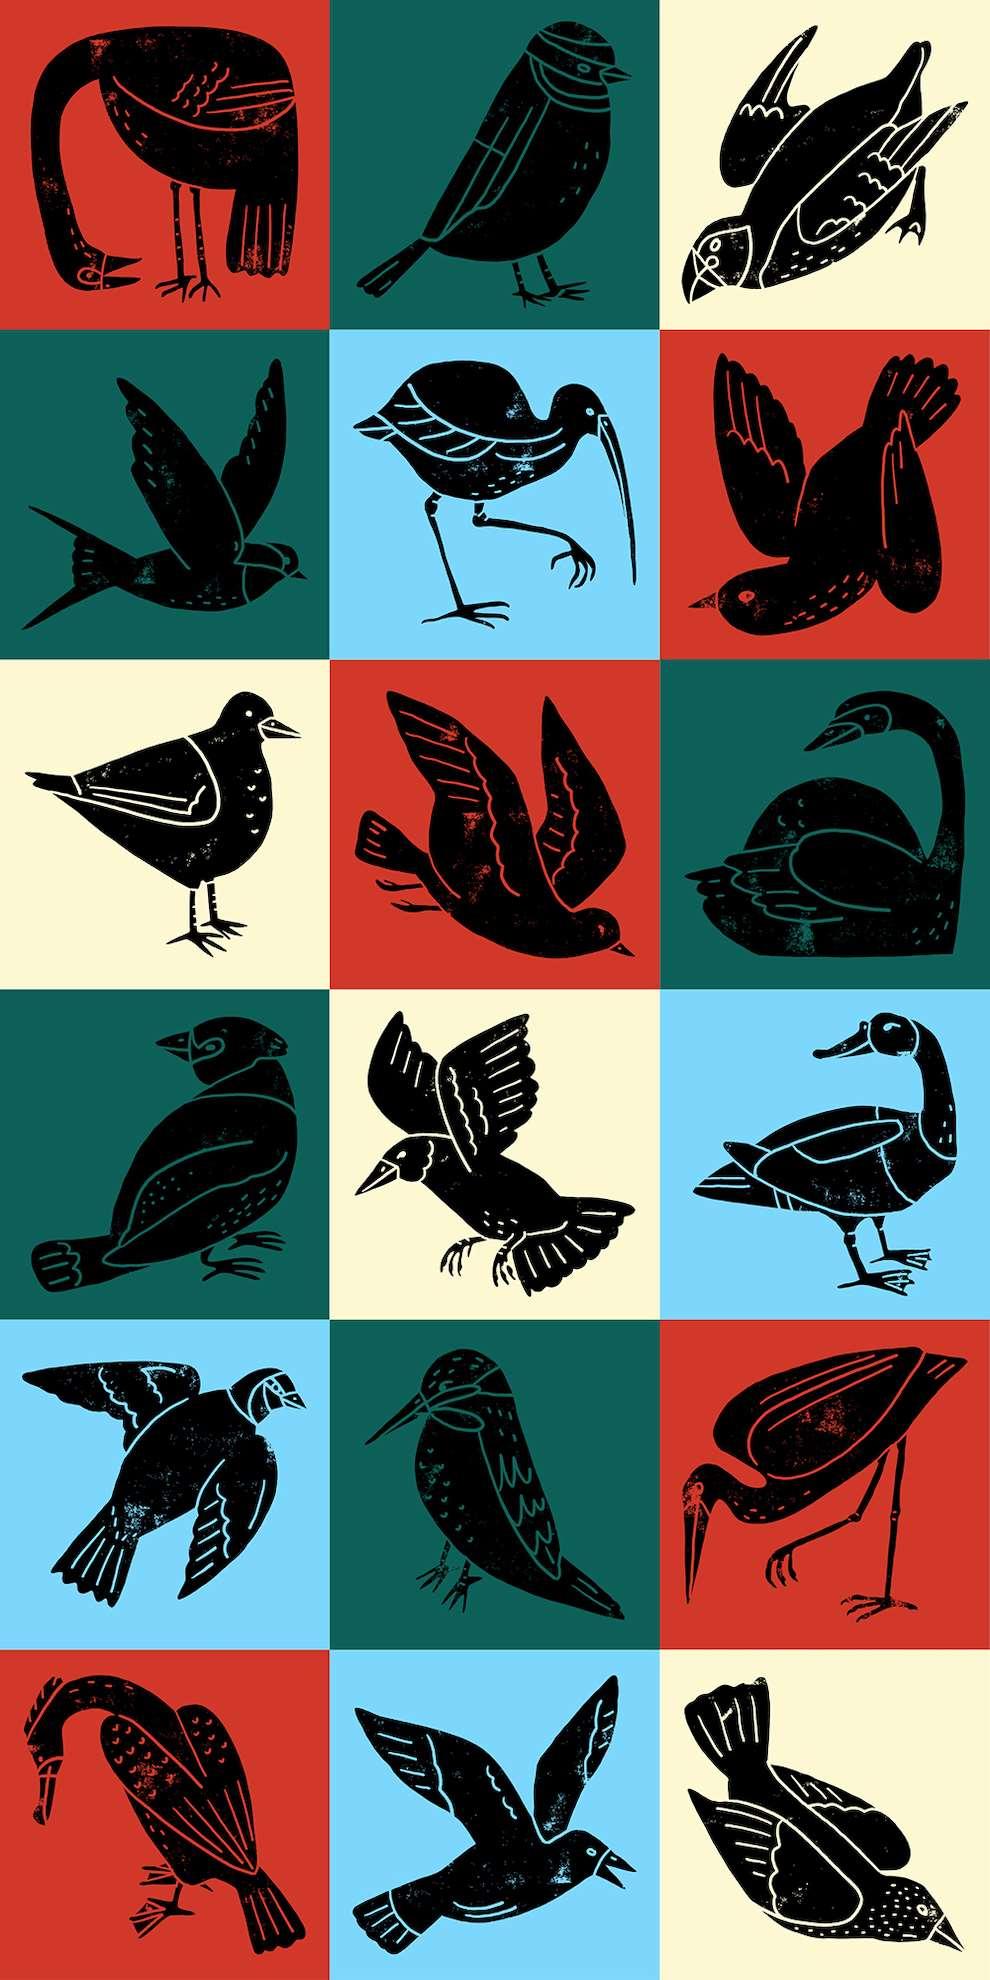 Harriet Seed, Decorative stencilled illustration of birds, wildlife.